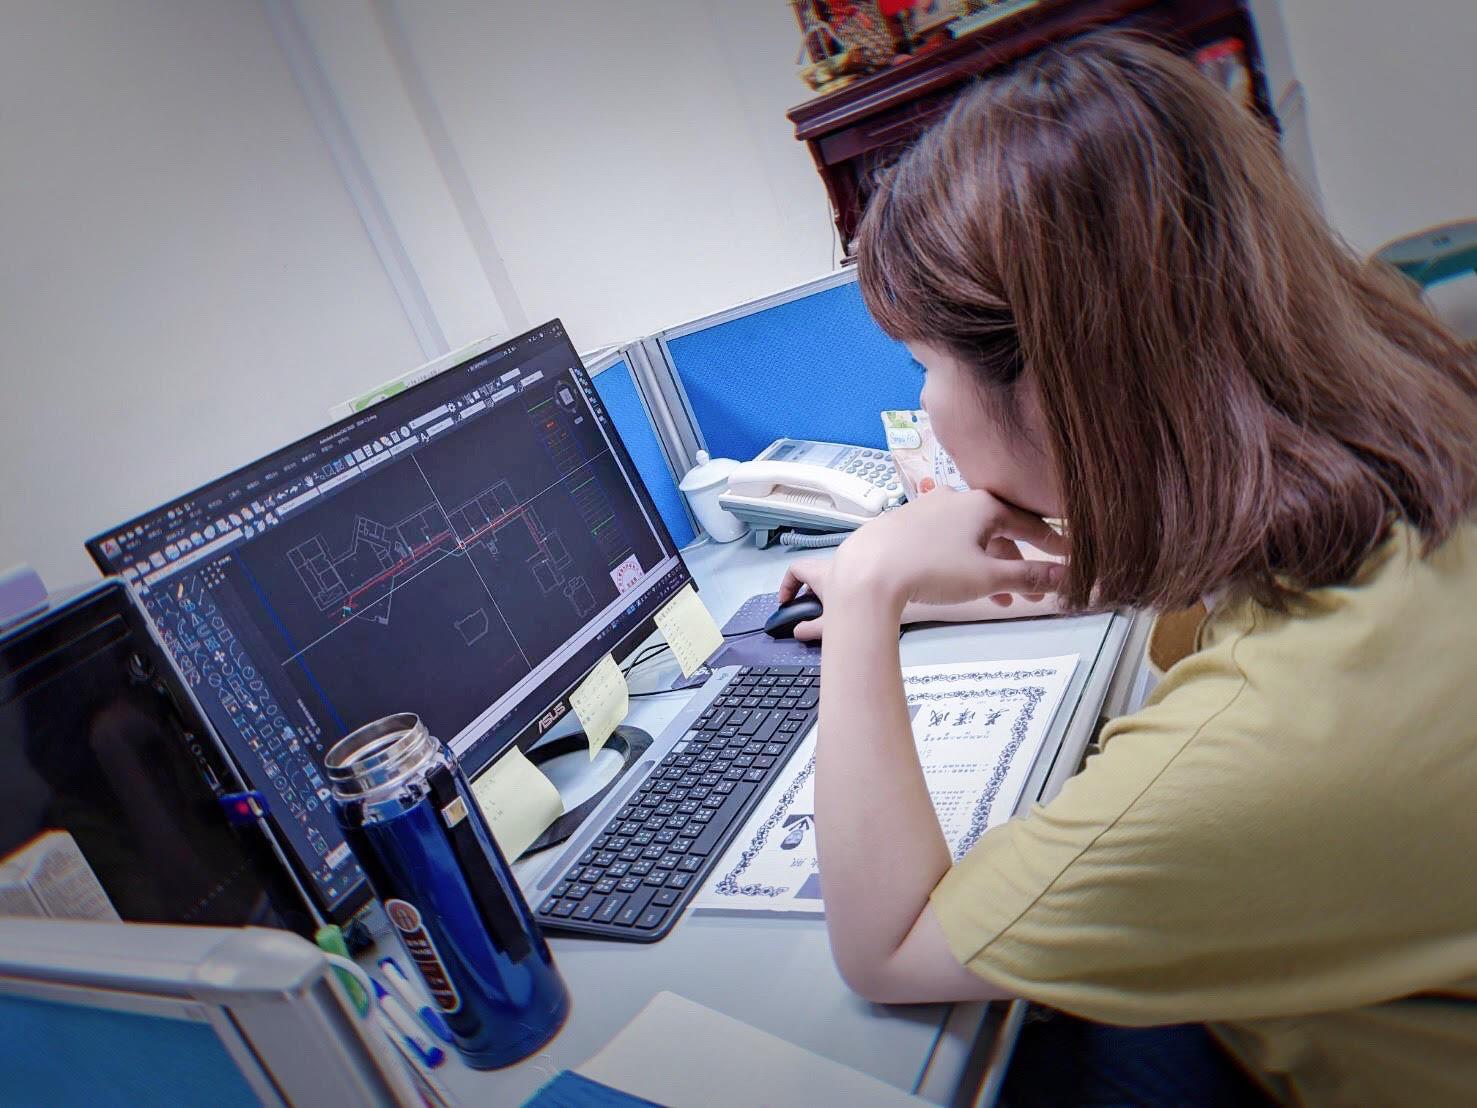 勞動部「花蓮職業訓練場」幫助銷售員轉職建築繪圖員 110年度課程招生中 歡迎民眾報名